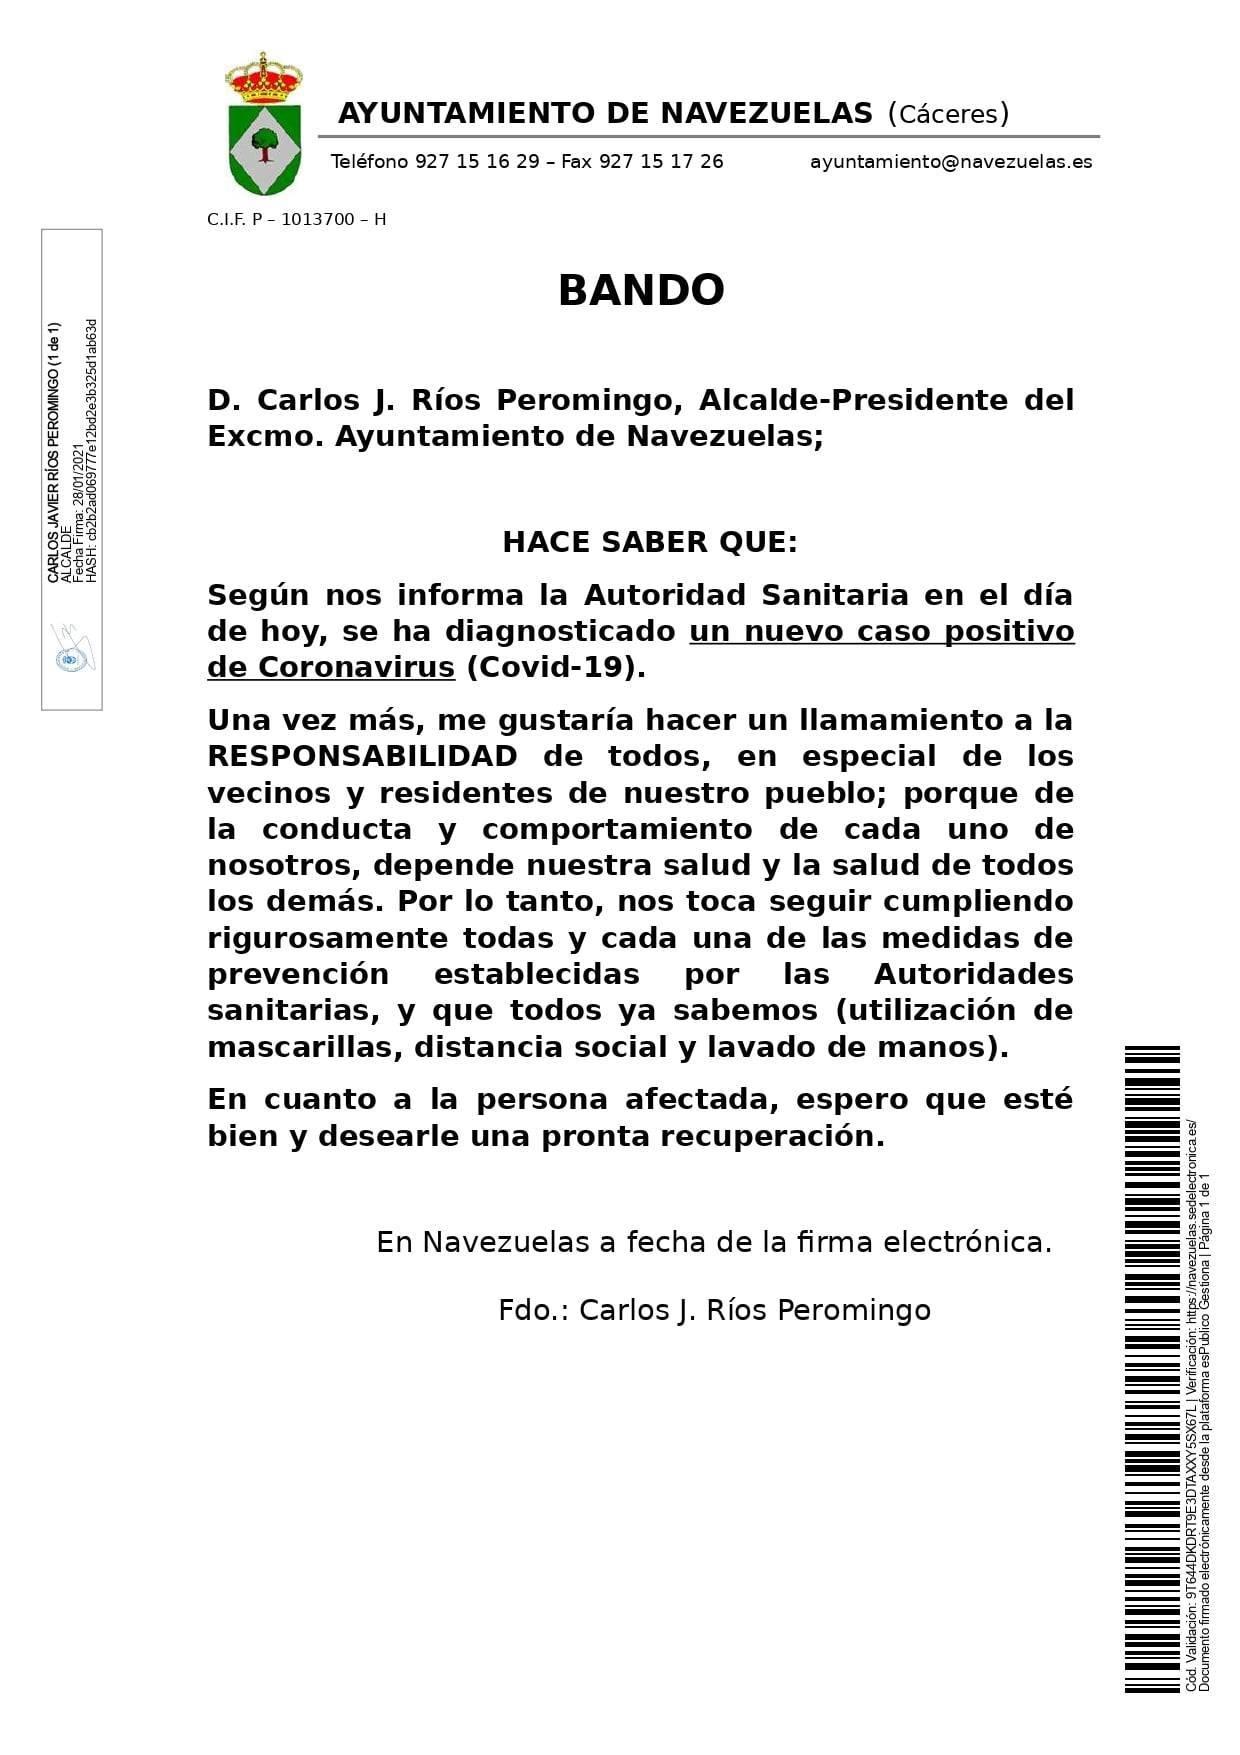 Un nuevo caso positivo de COVID-19 (enero 2021) - Navezuelas (Cáceres)